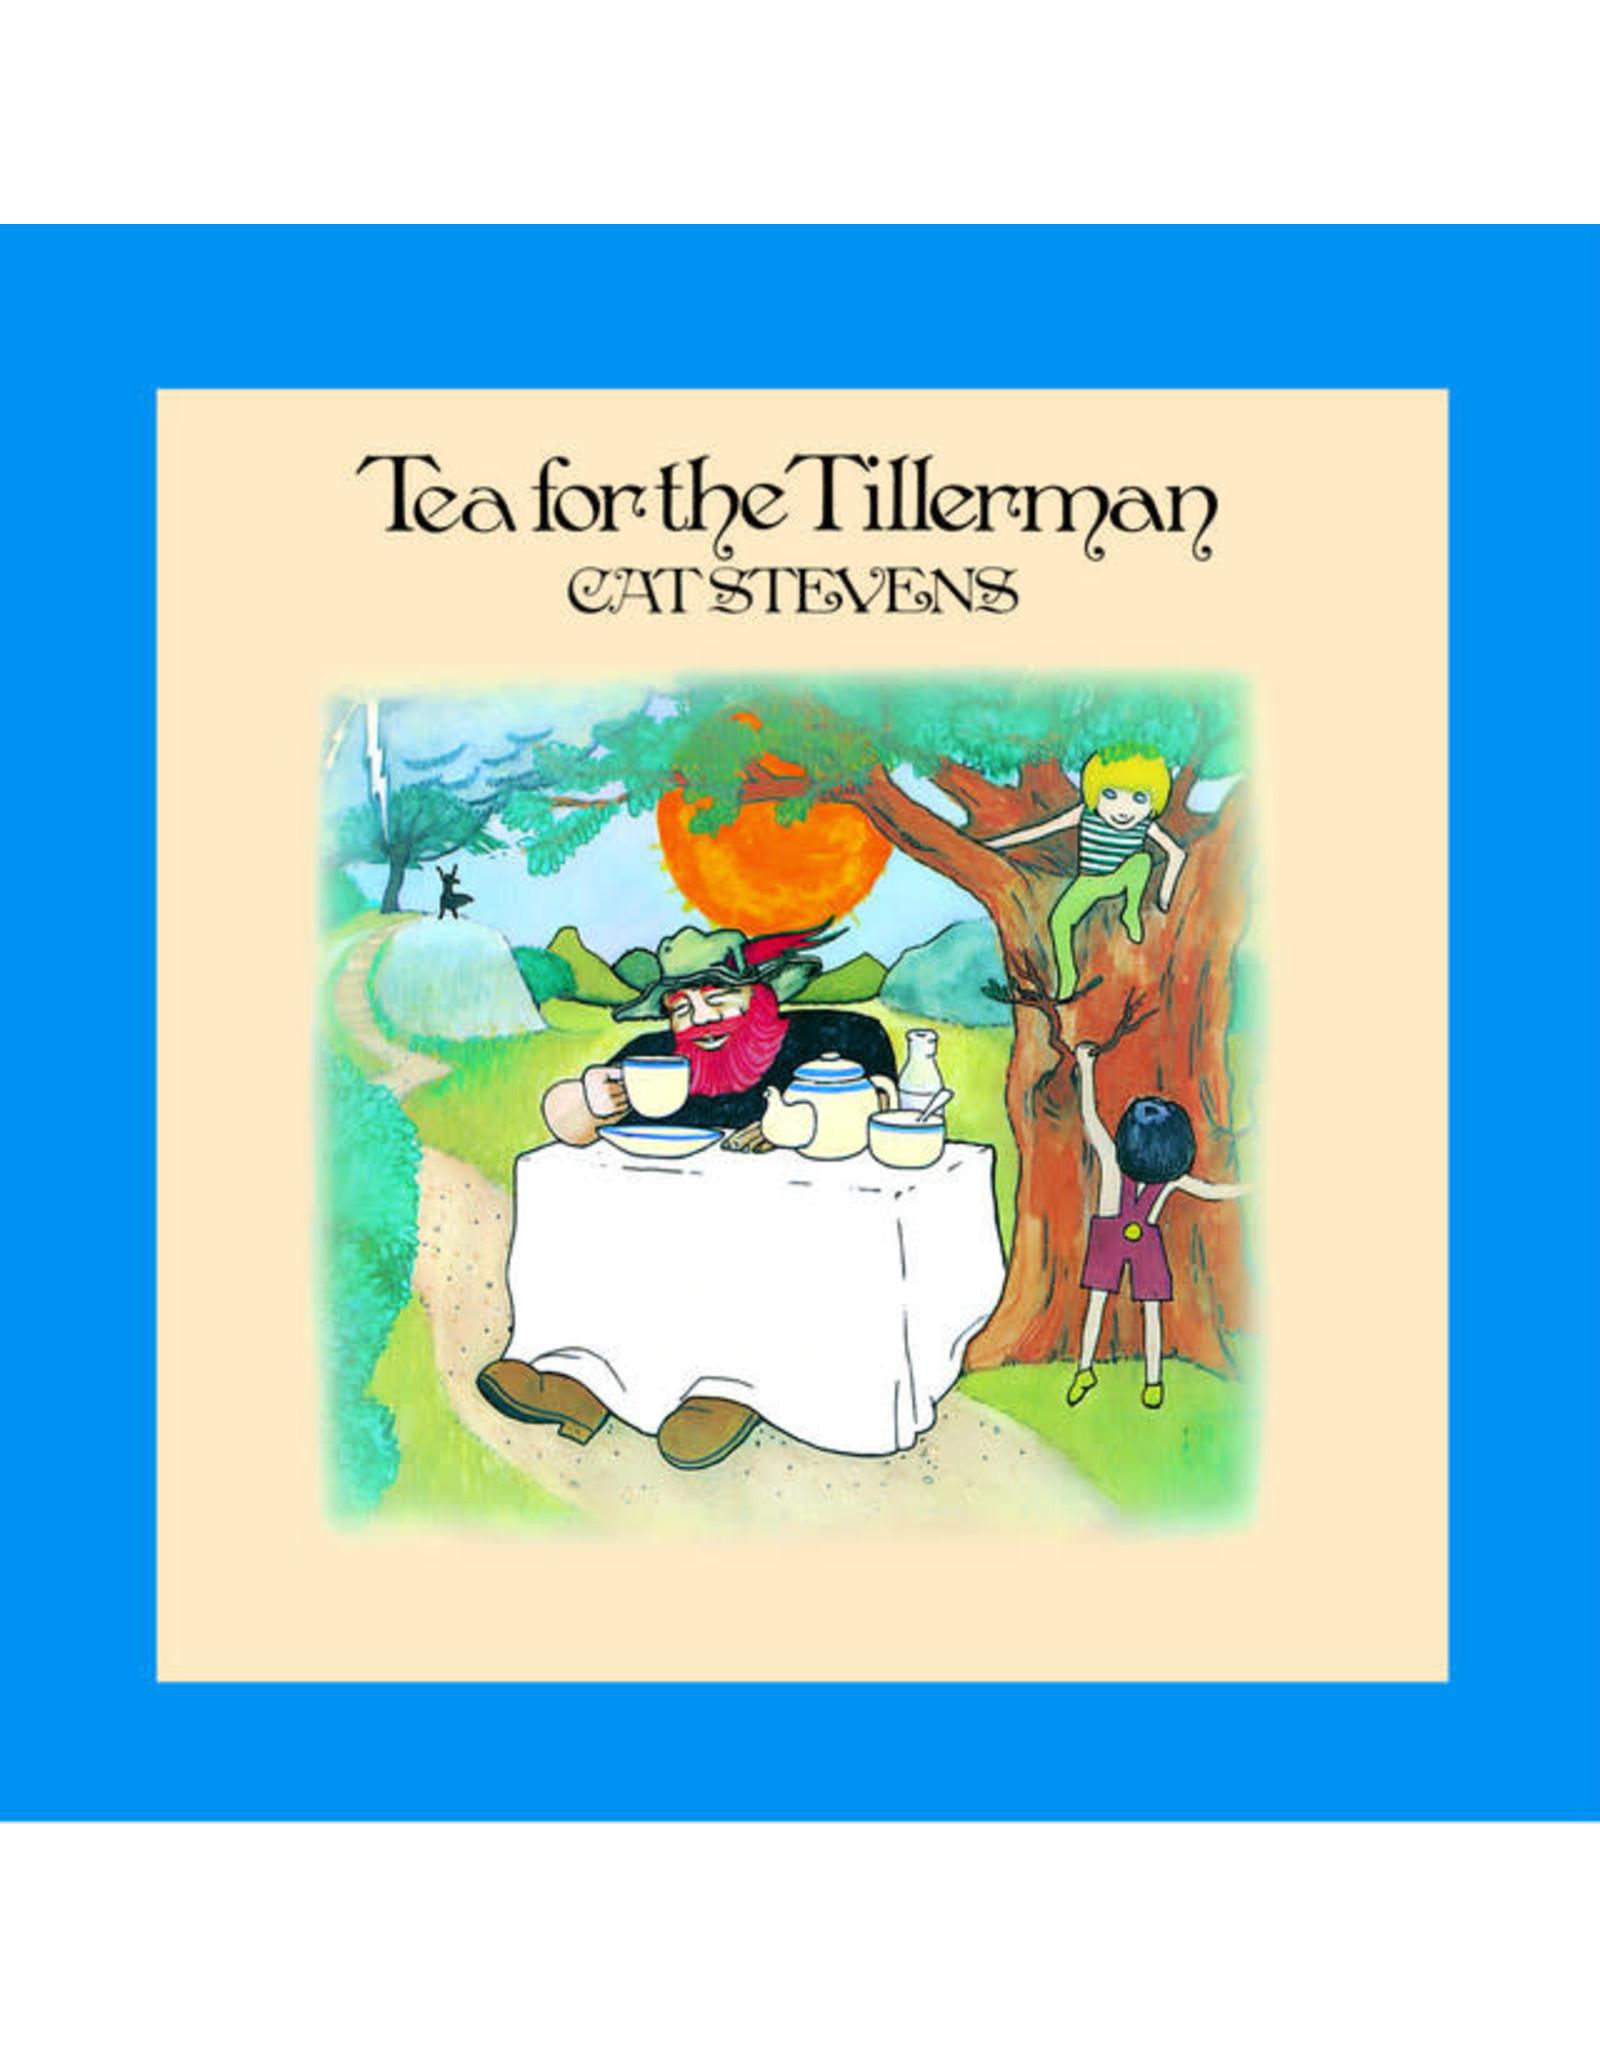 Vinyl Cat Stevens - Tea for the Tillerman